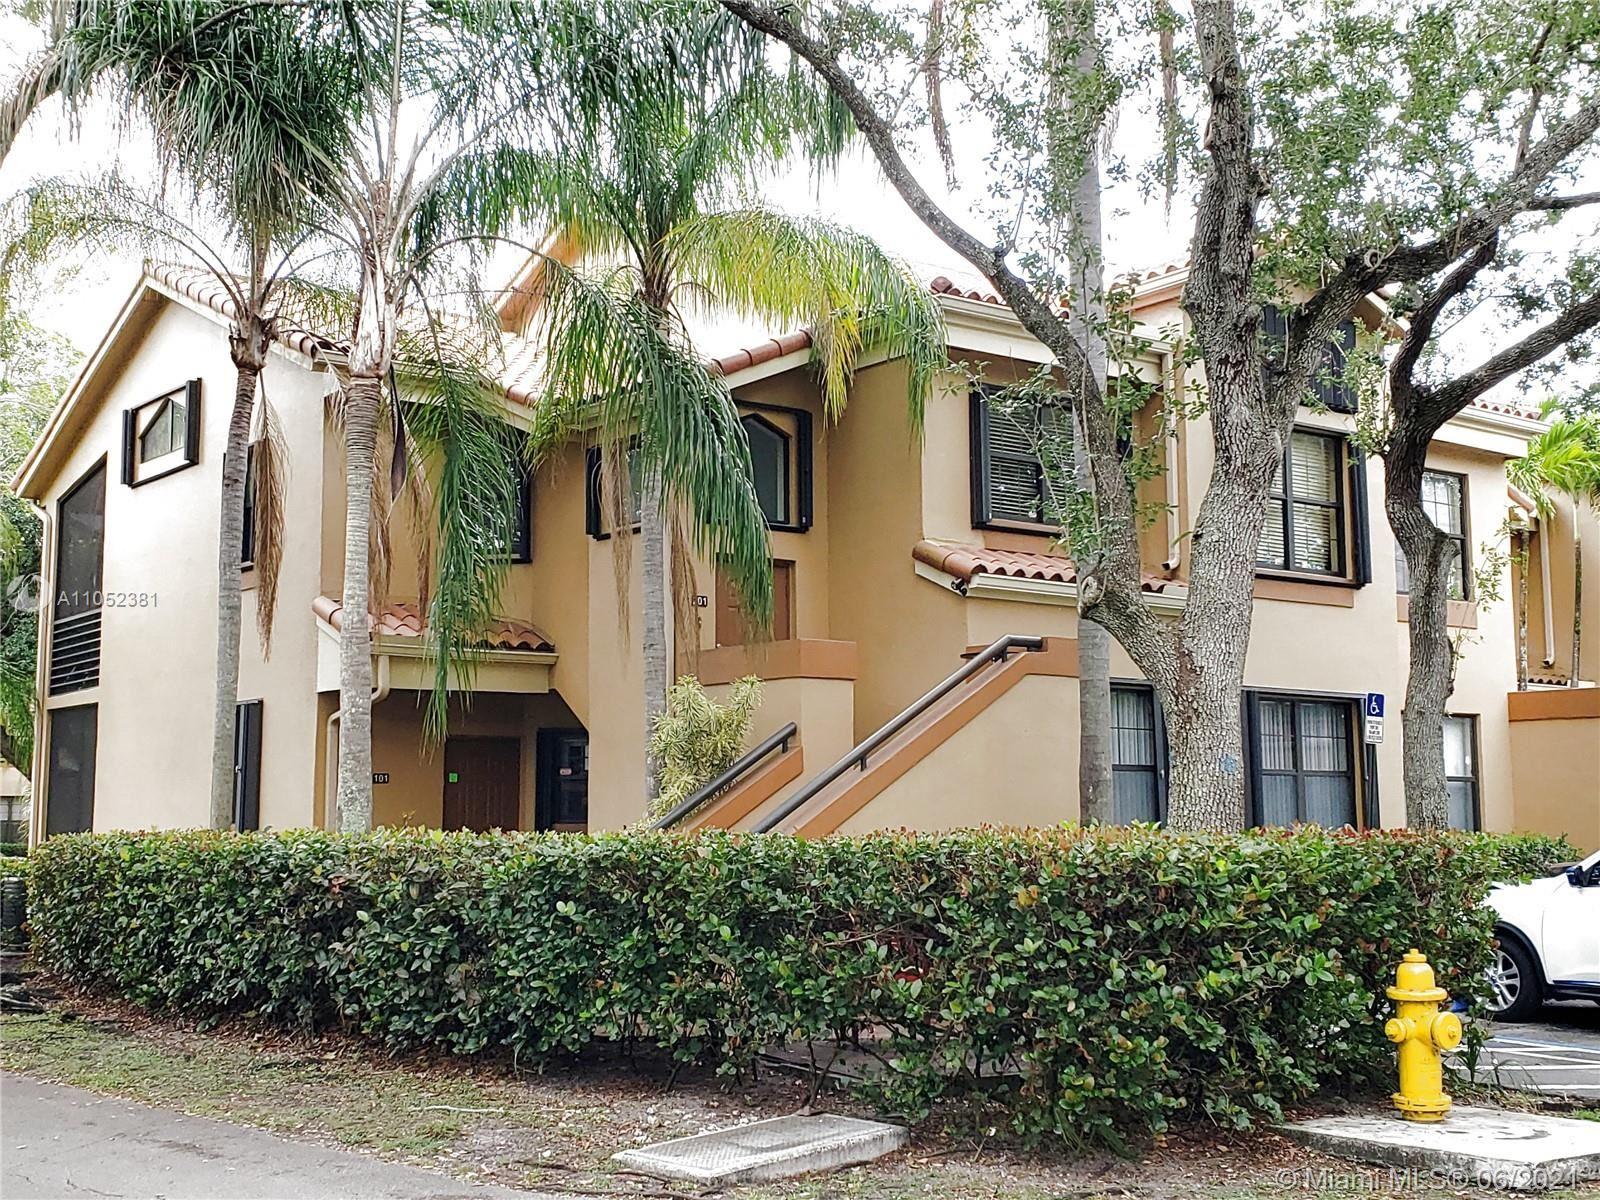 15529 N Miami Lakeway N #101-12, Miami Lakes, FL 33014 - #: A11052381